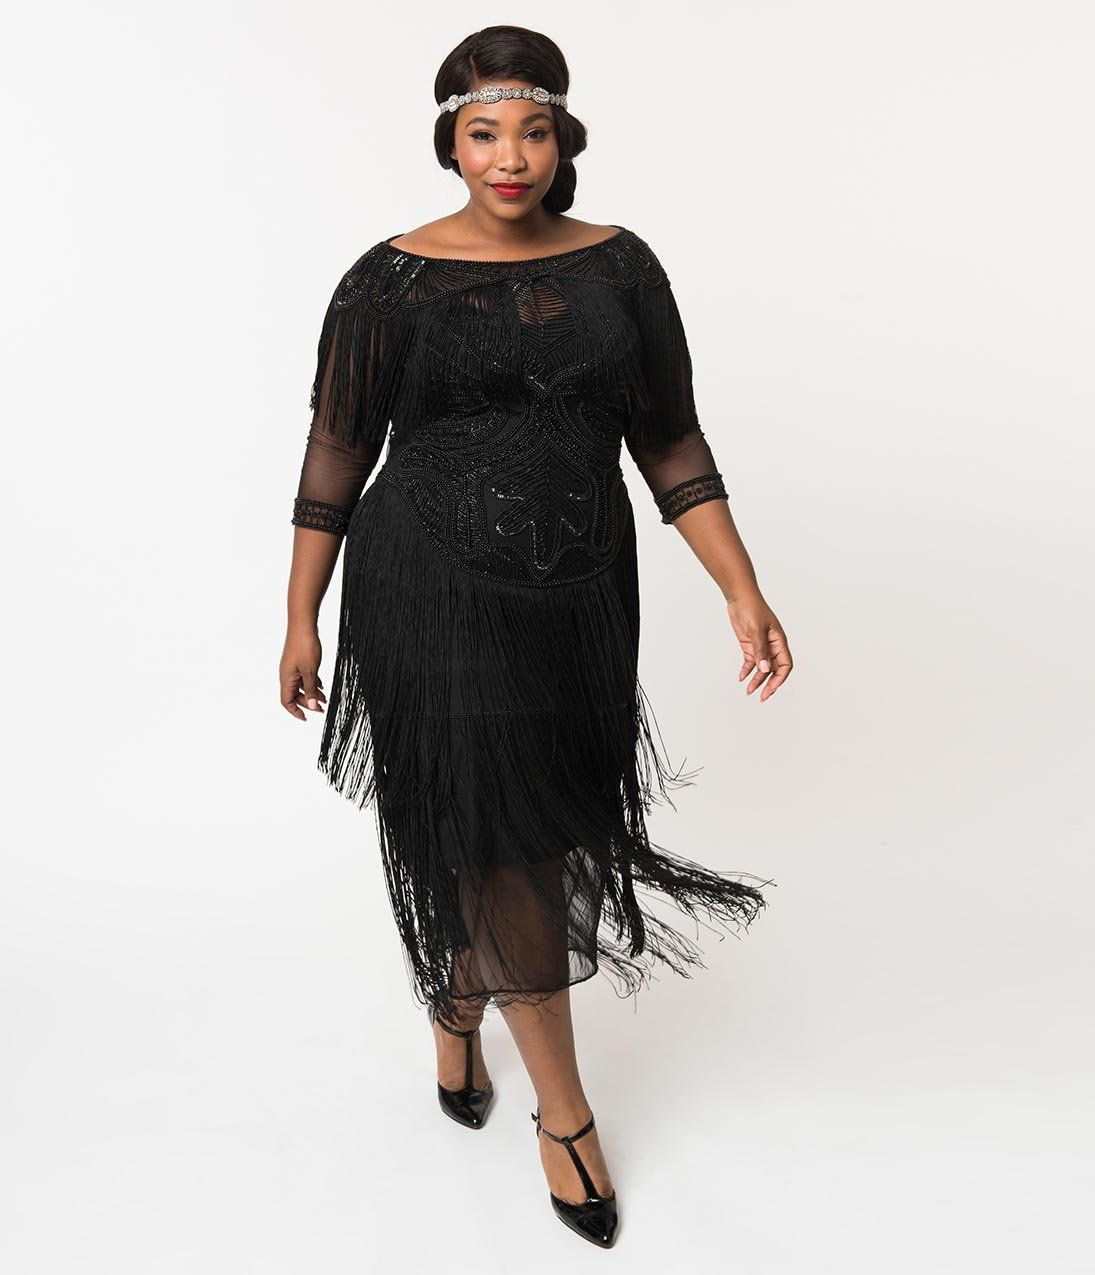 29+ Plus size gatsby dress ideas info